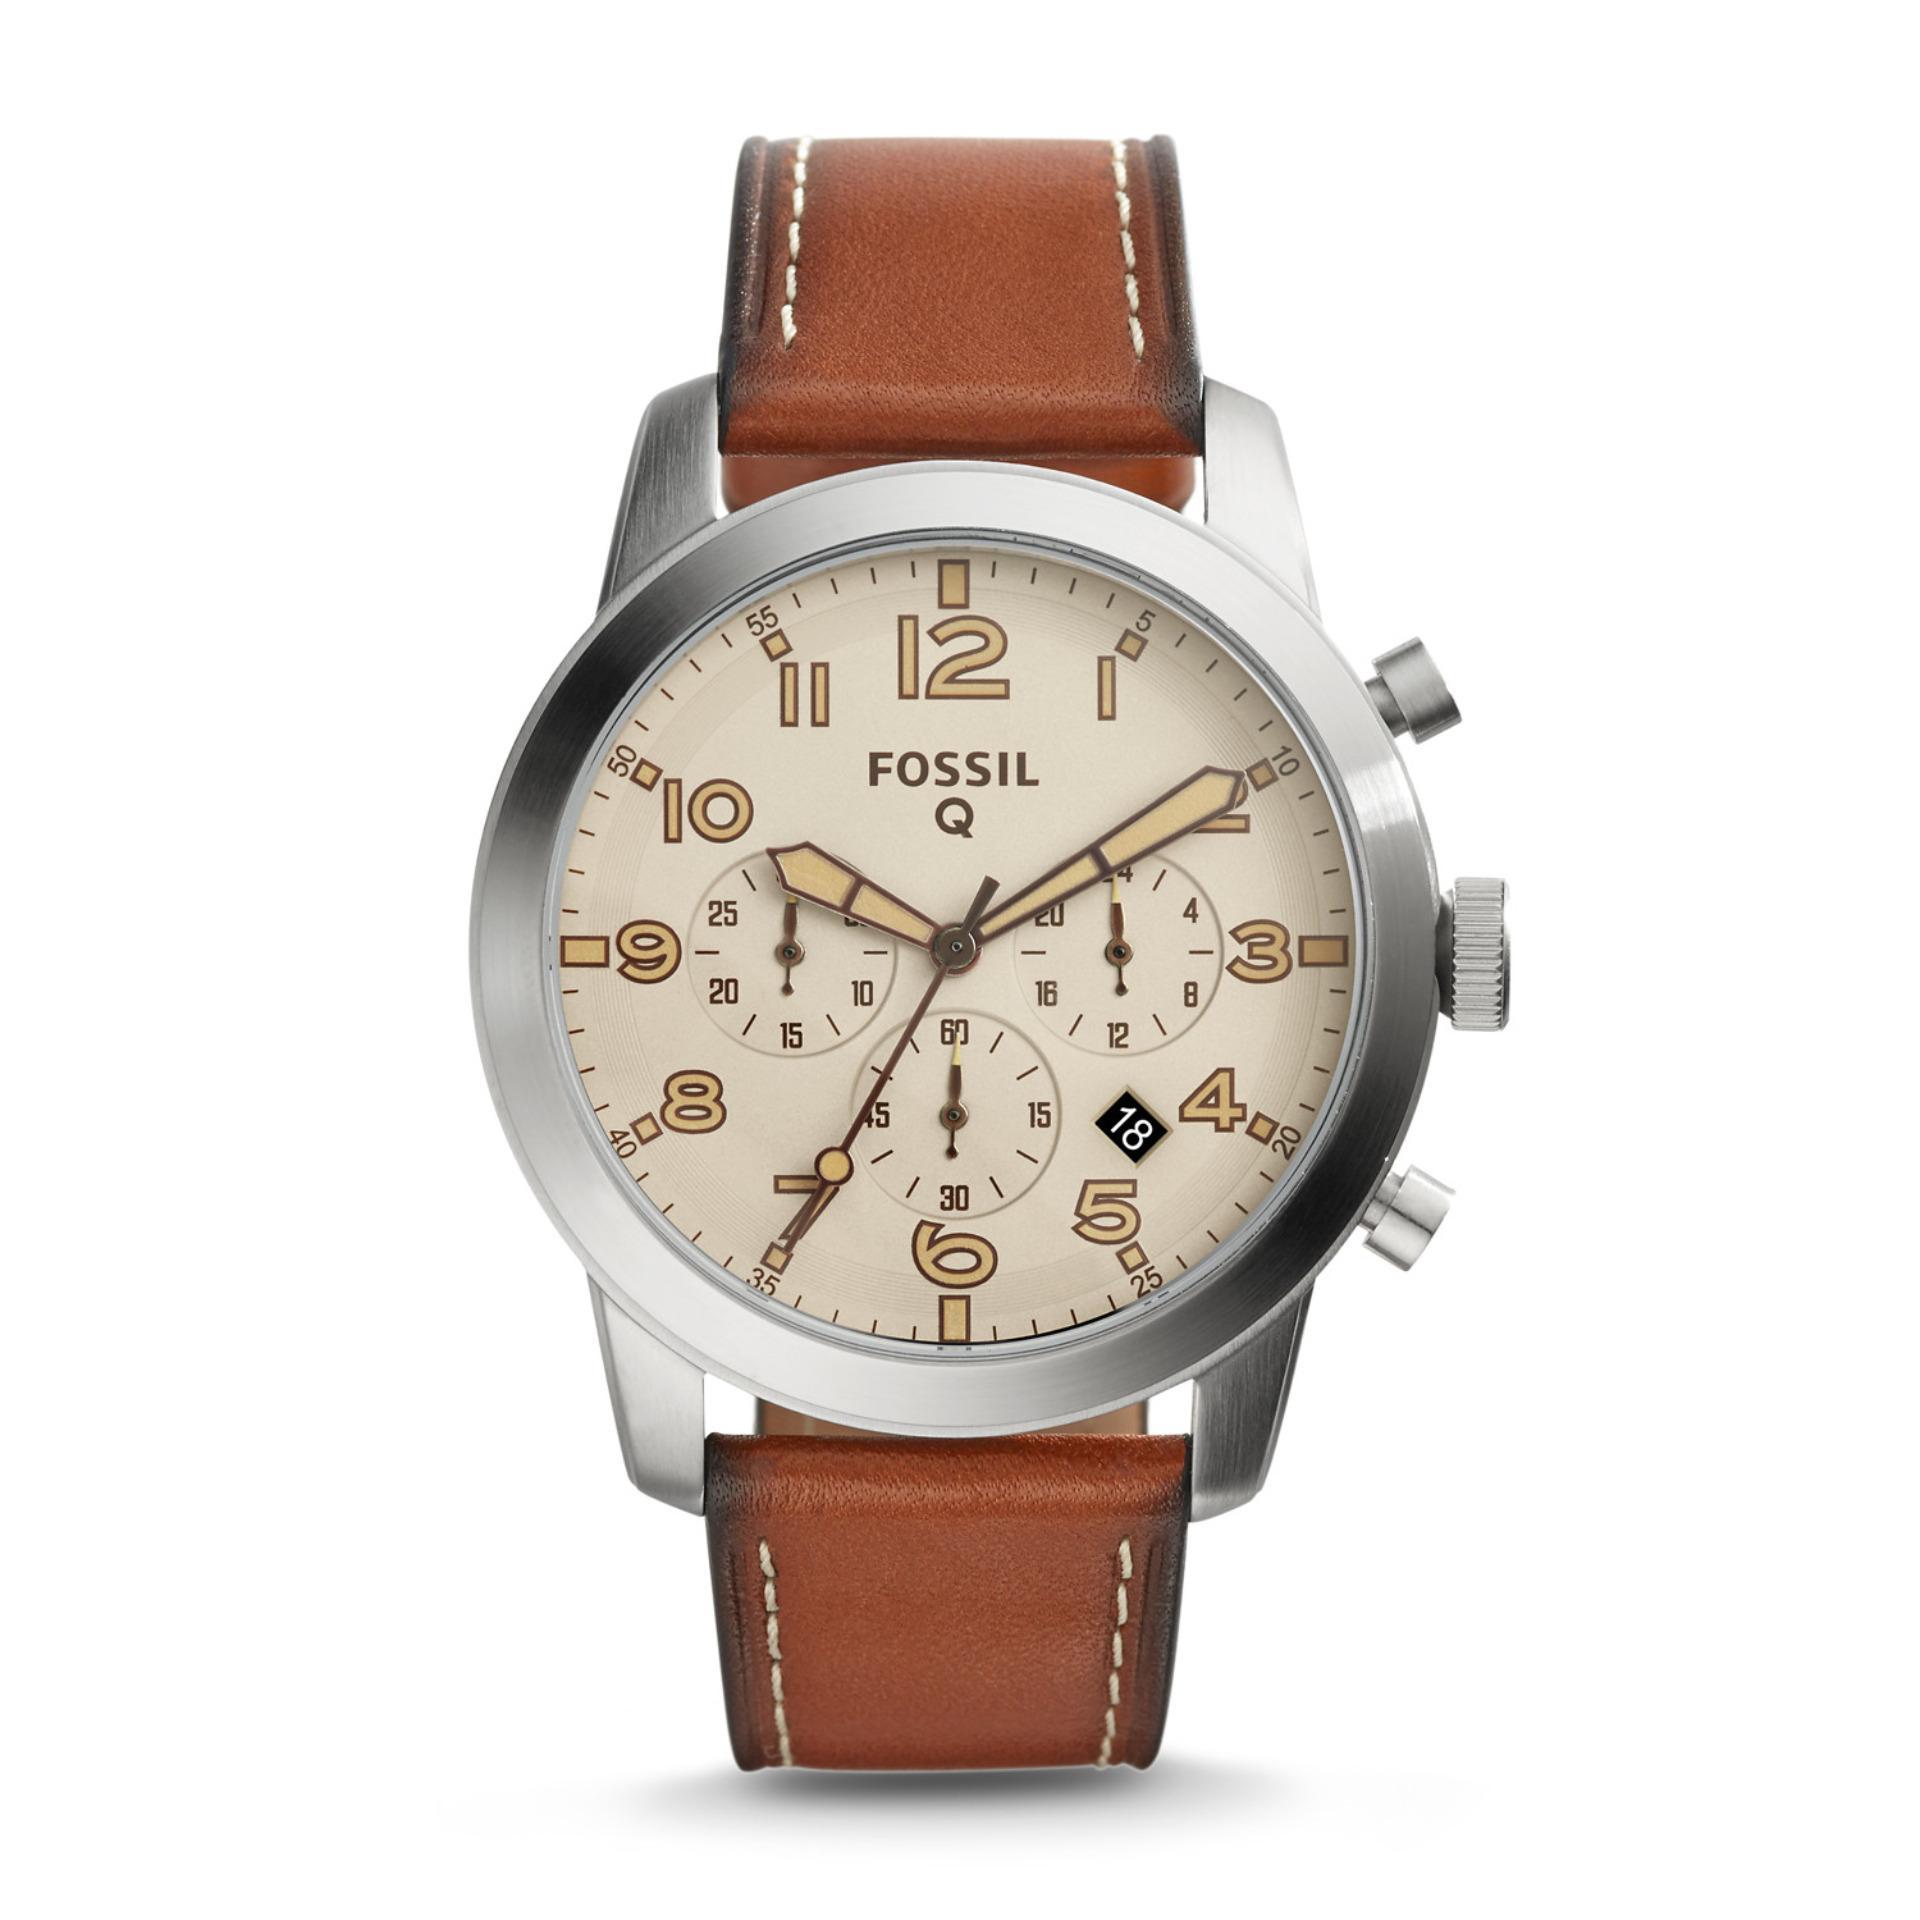 ... Fossil Gen 1 Smartwatch Q54 Pilot Leather Strap FTW10051 ...